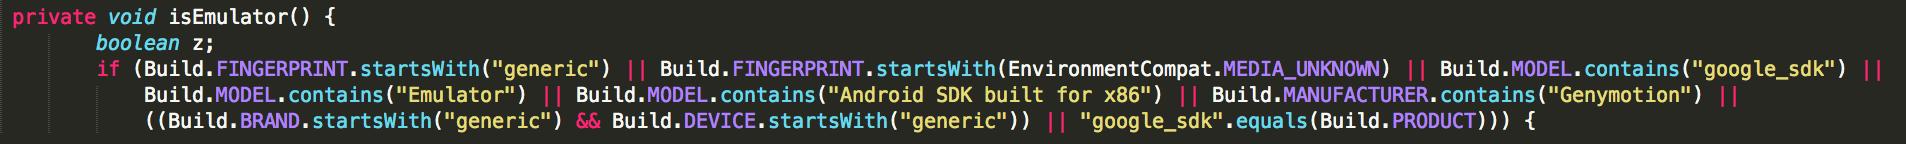 Пример кода защиты от запуска в эмуляторе